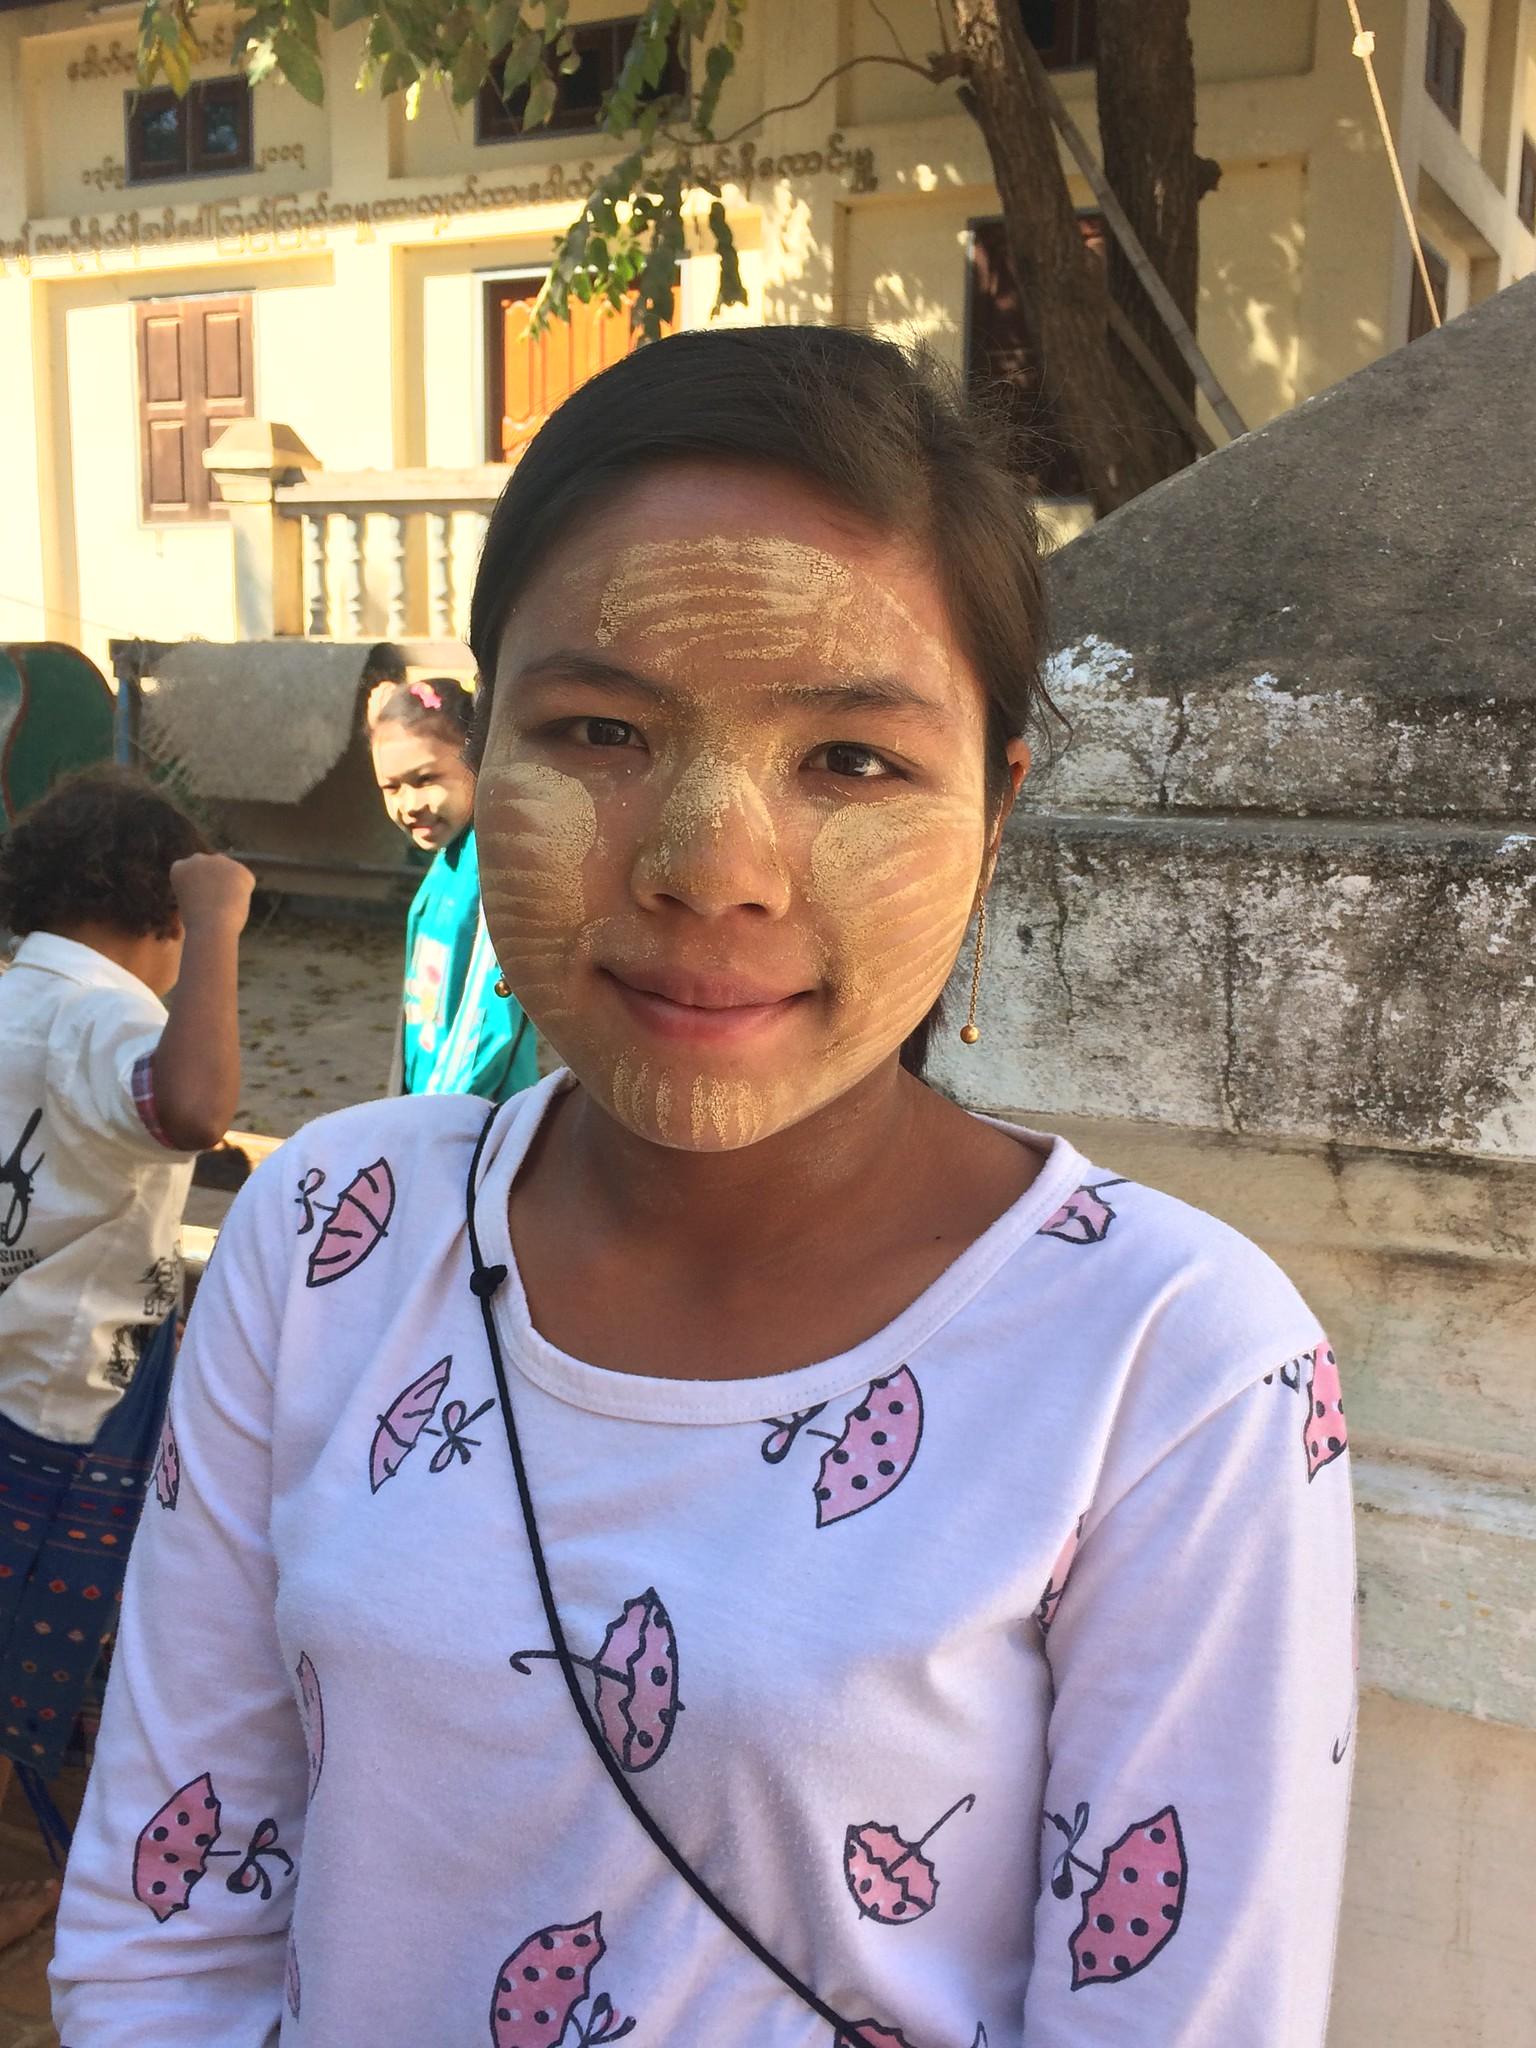 Jeune fille de Birmanie, Mandalay